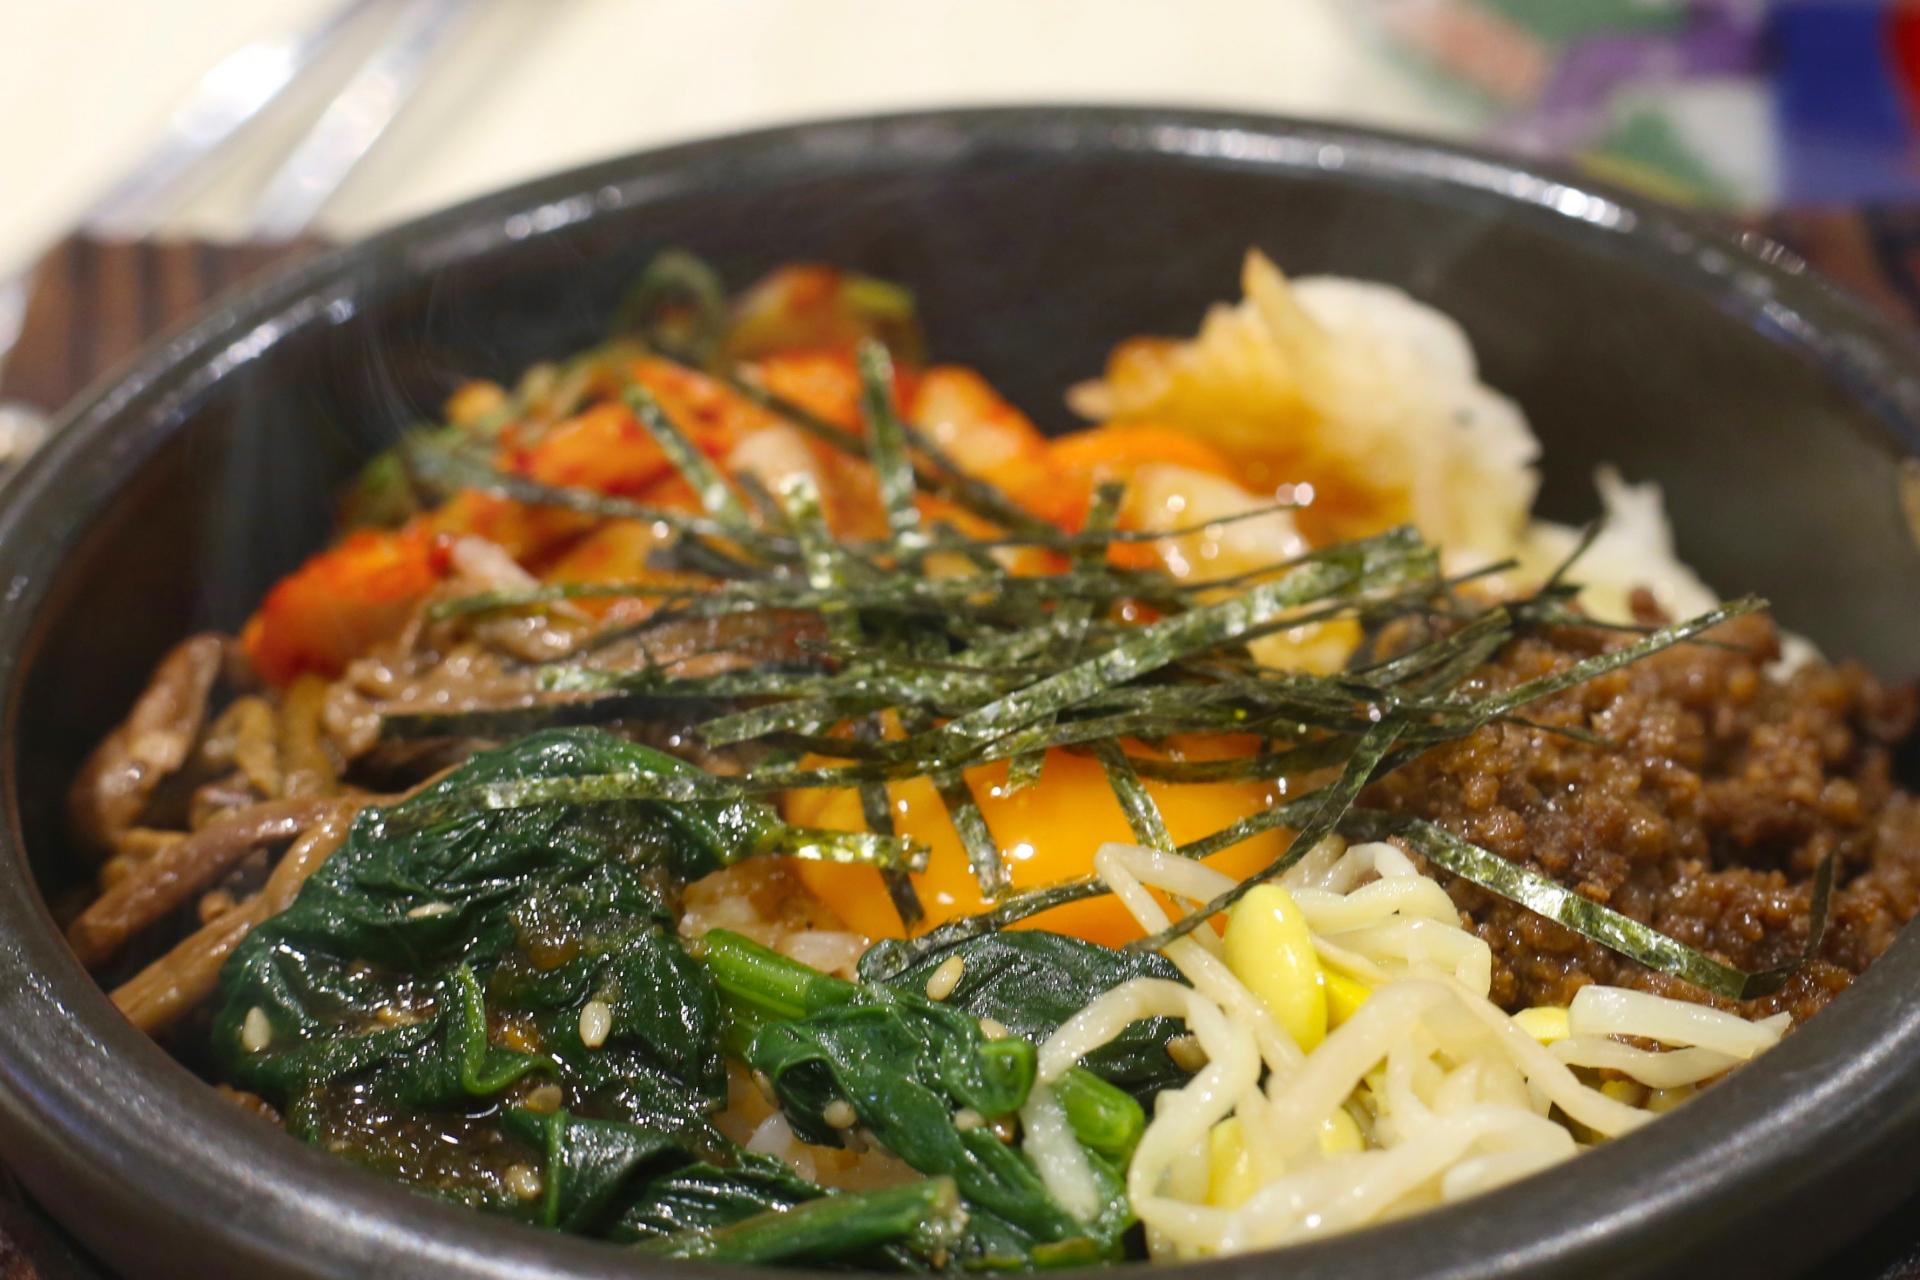 ビビンバの正しい食べ方は混ぜる?韓国の食事のマナーも紹介!